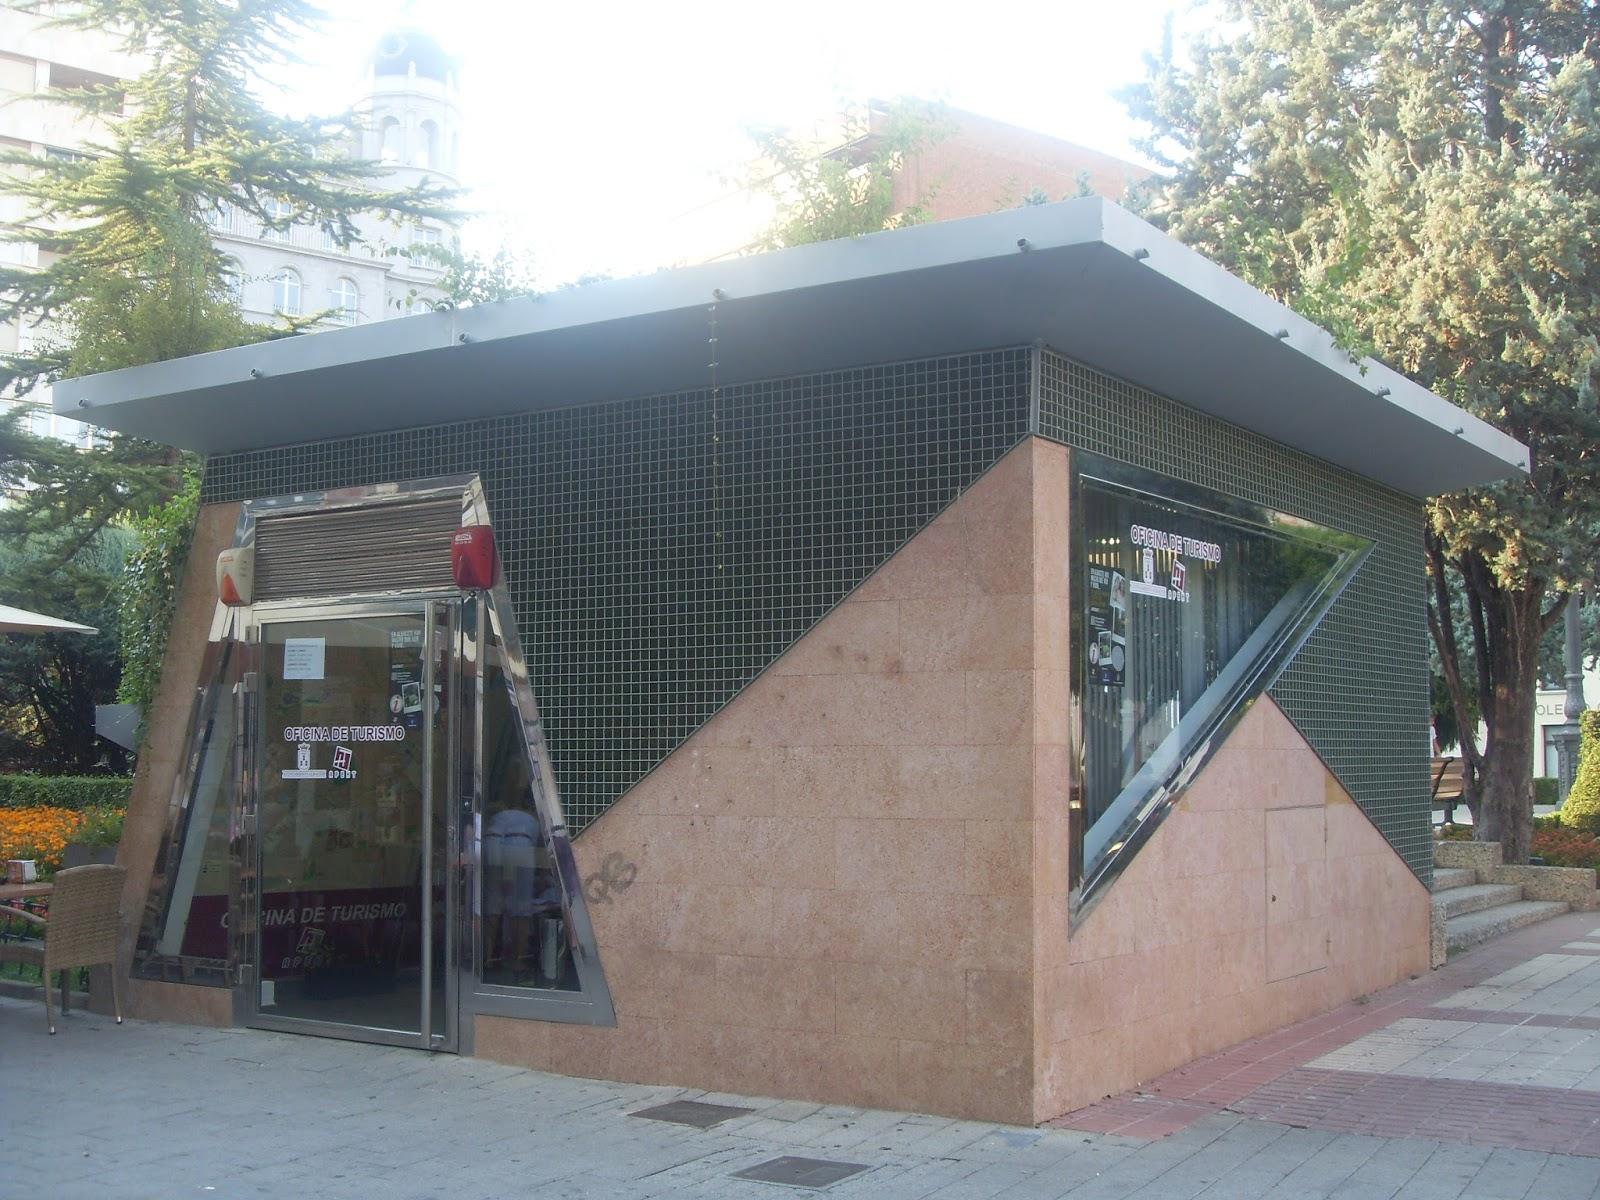 Albacete bienmesabe agosto 2013 for Oficina del consumidor albacete